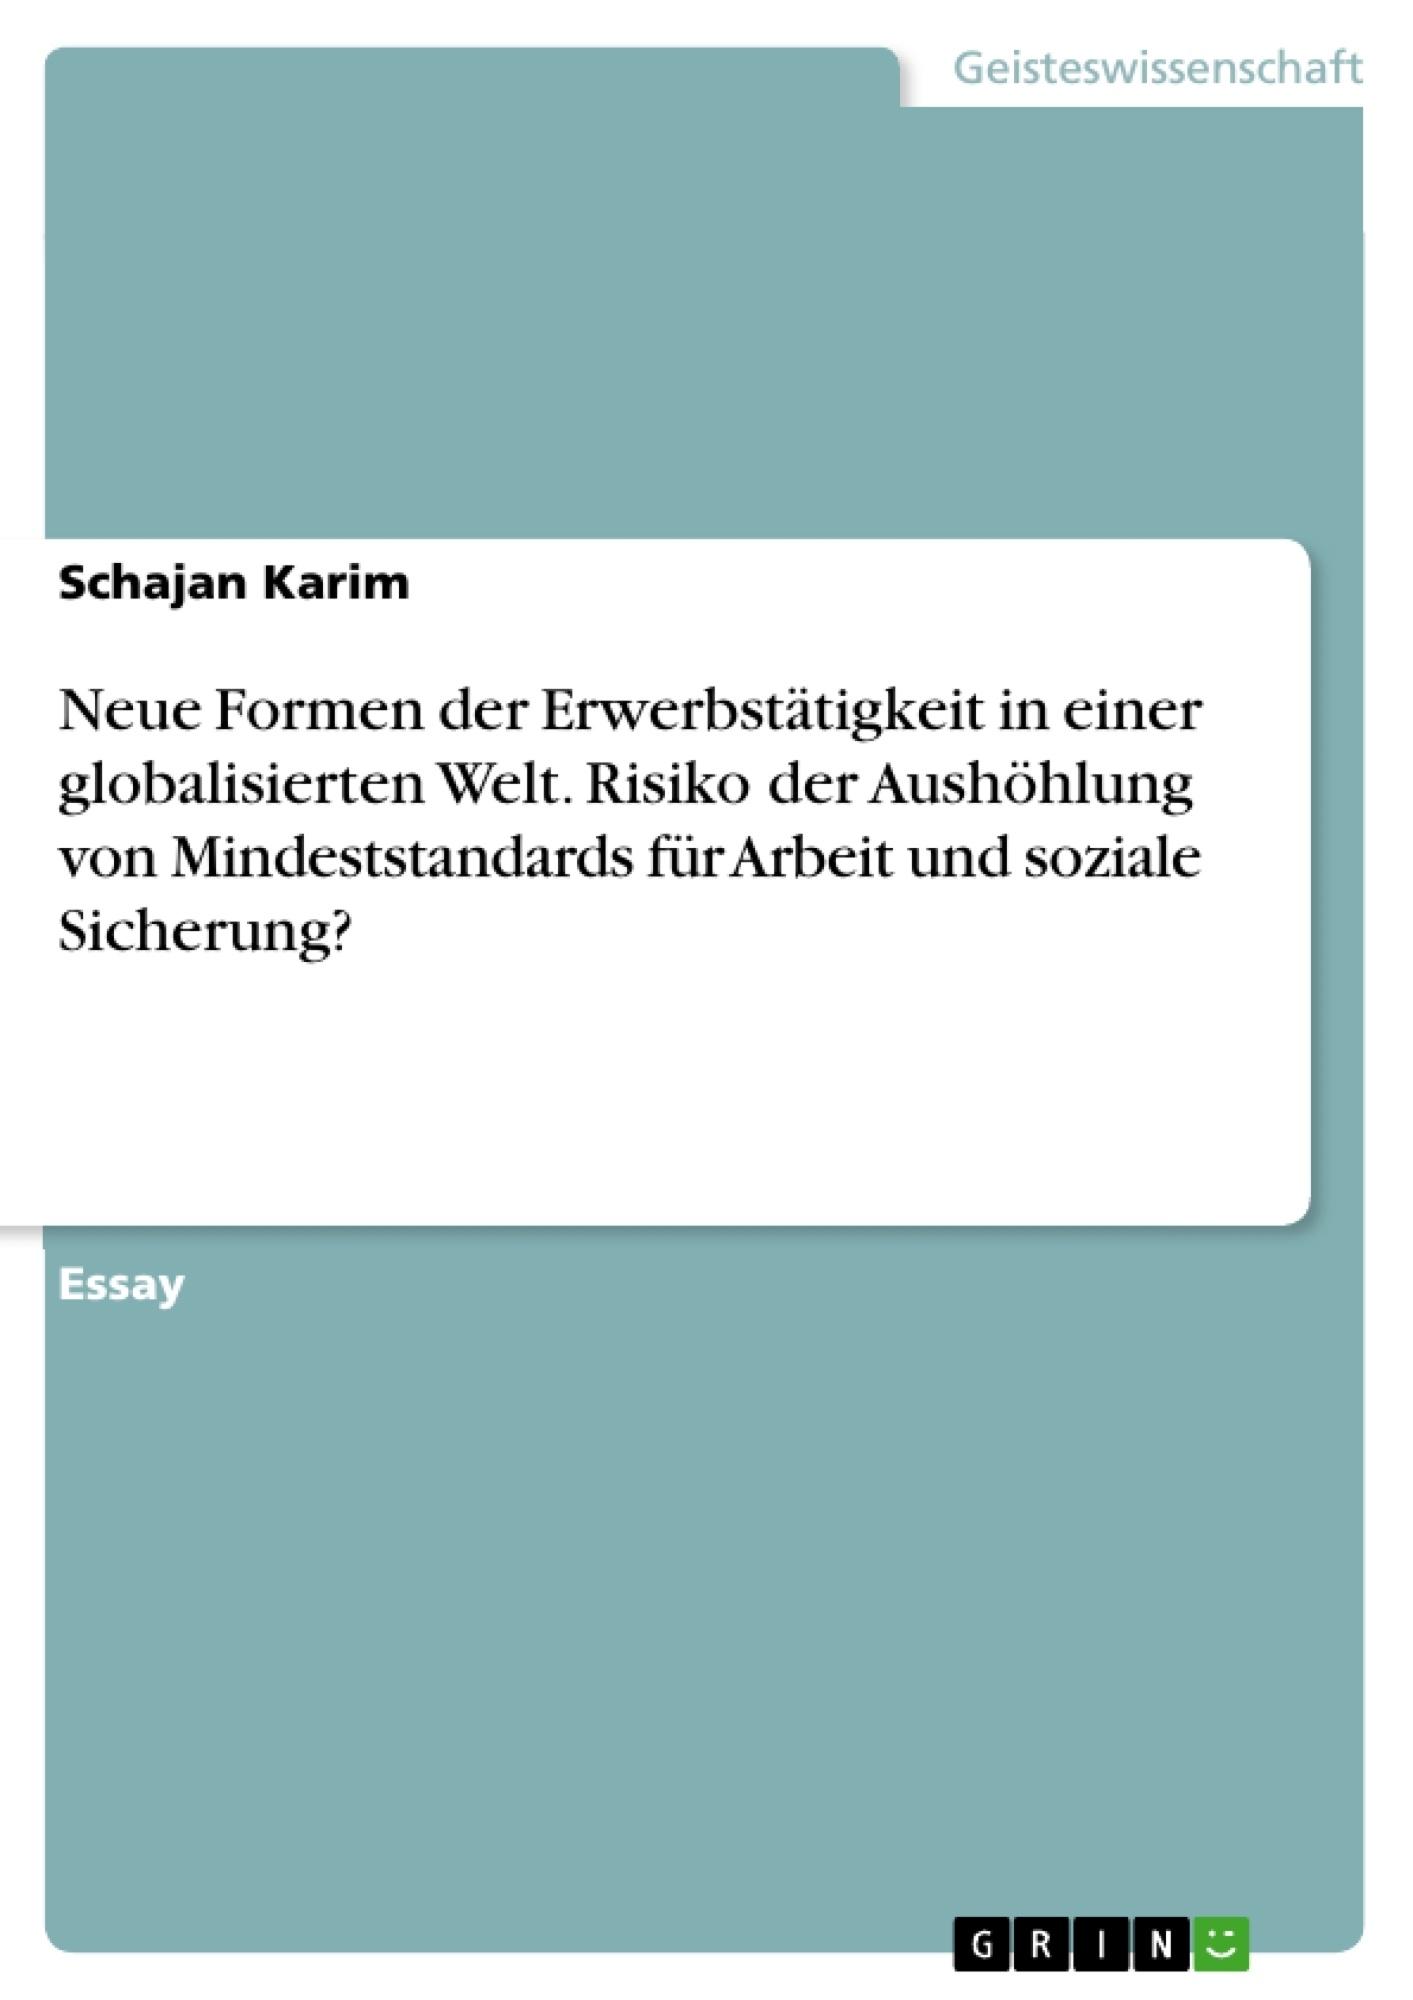 Titel: Neue Formen der Erwerbstätigkeit in einer globalisierten Welt. Risiko der Aushöhlung von Mindeststandards für Arbeit und soziale Sicherung?